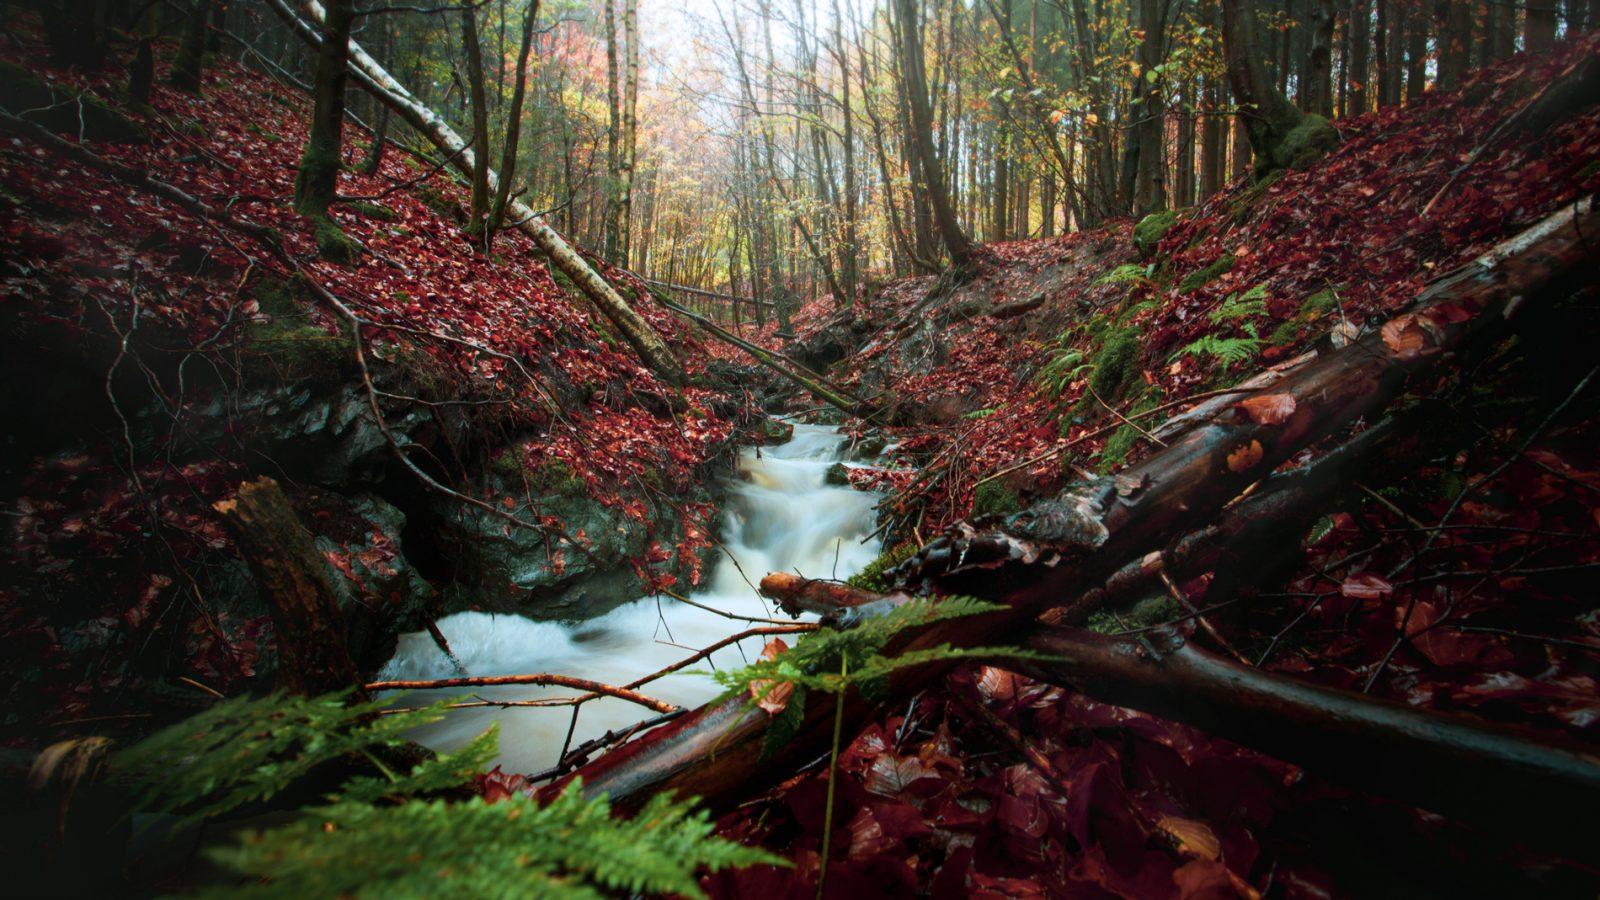 Fotoreis Belgie | Parc des Hautes Fagnes